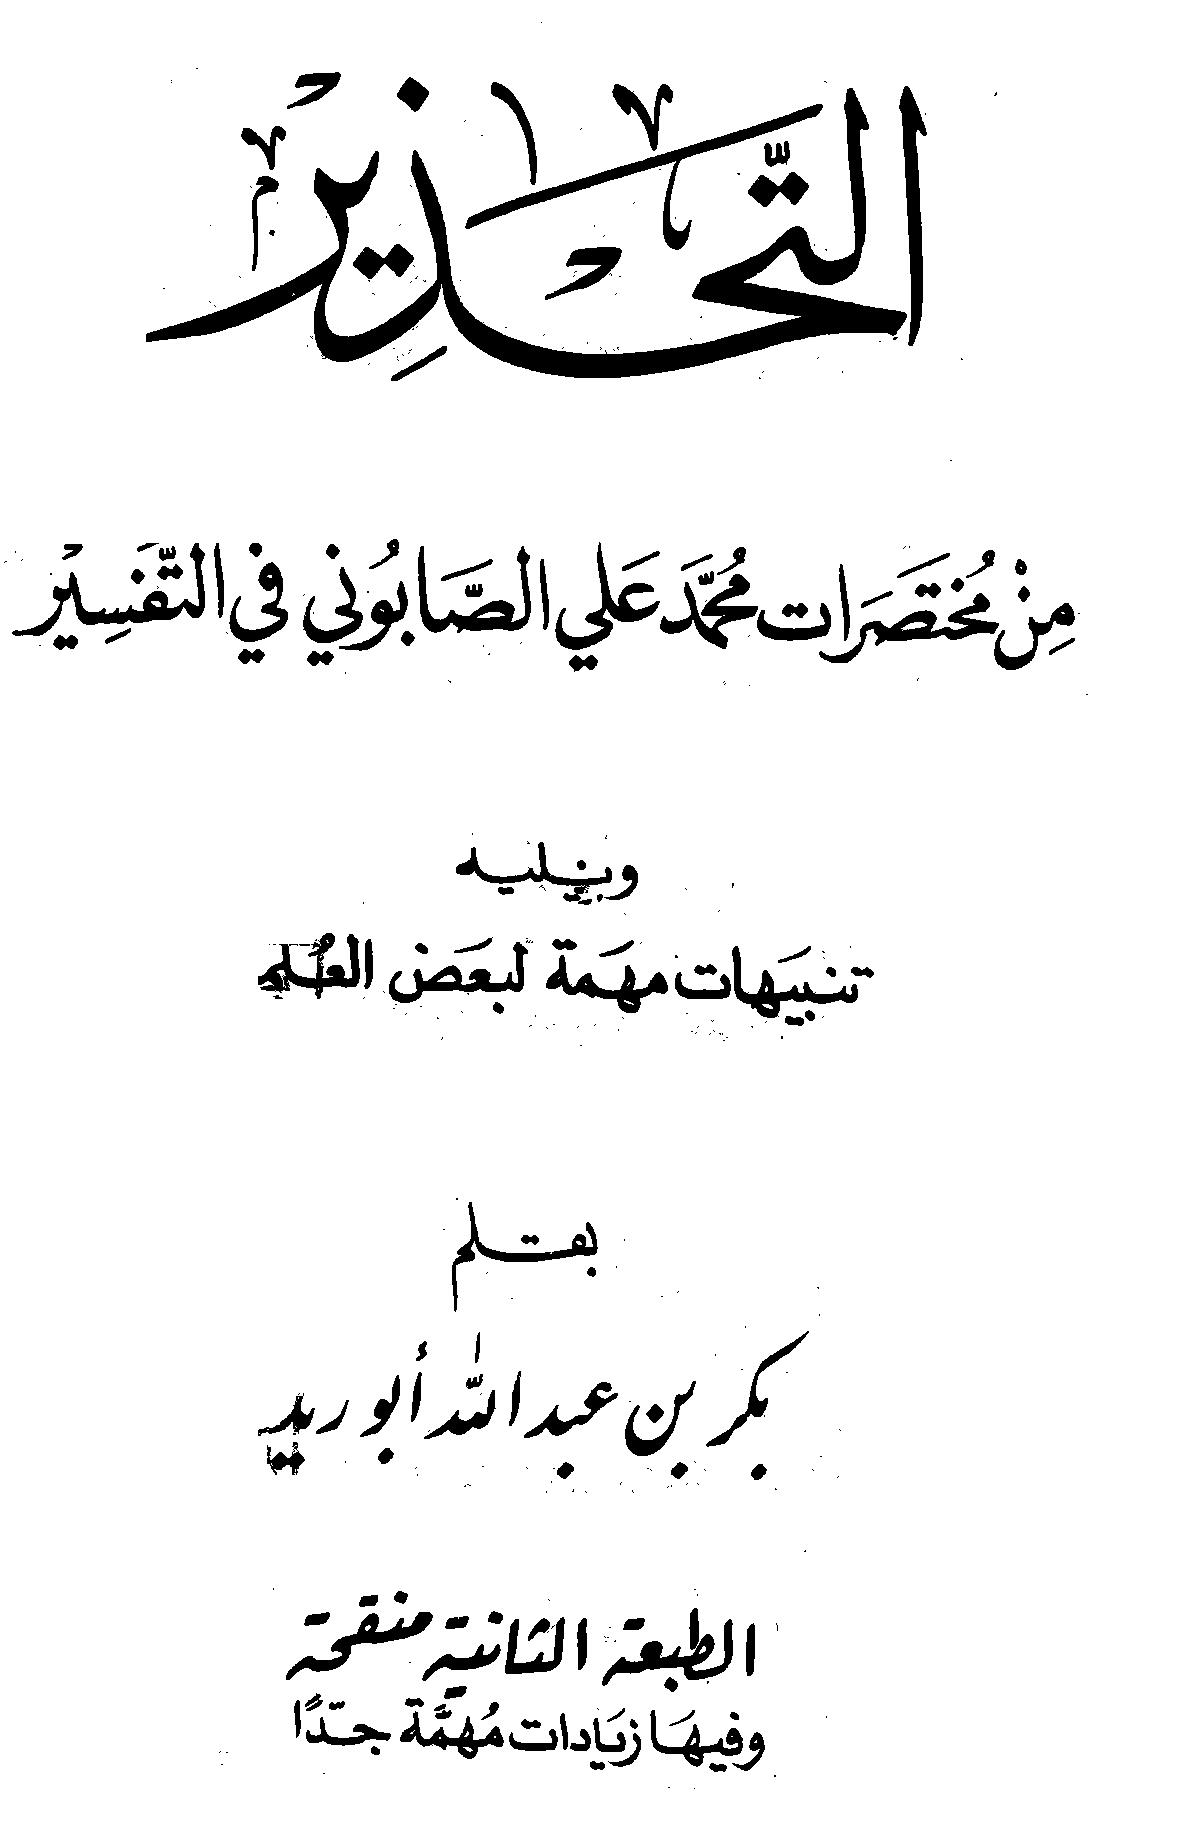 التحذير من مختصرات محمد علي الصابوني في التفسير